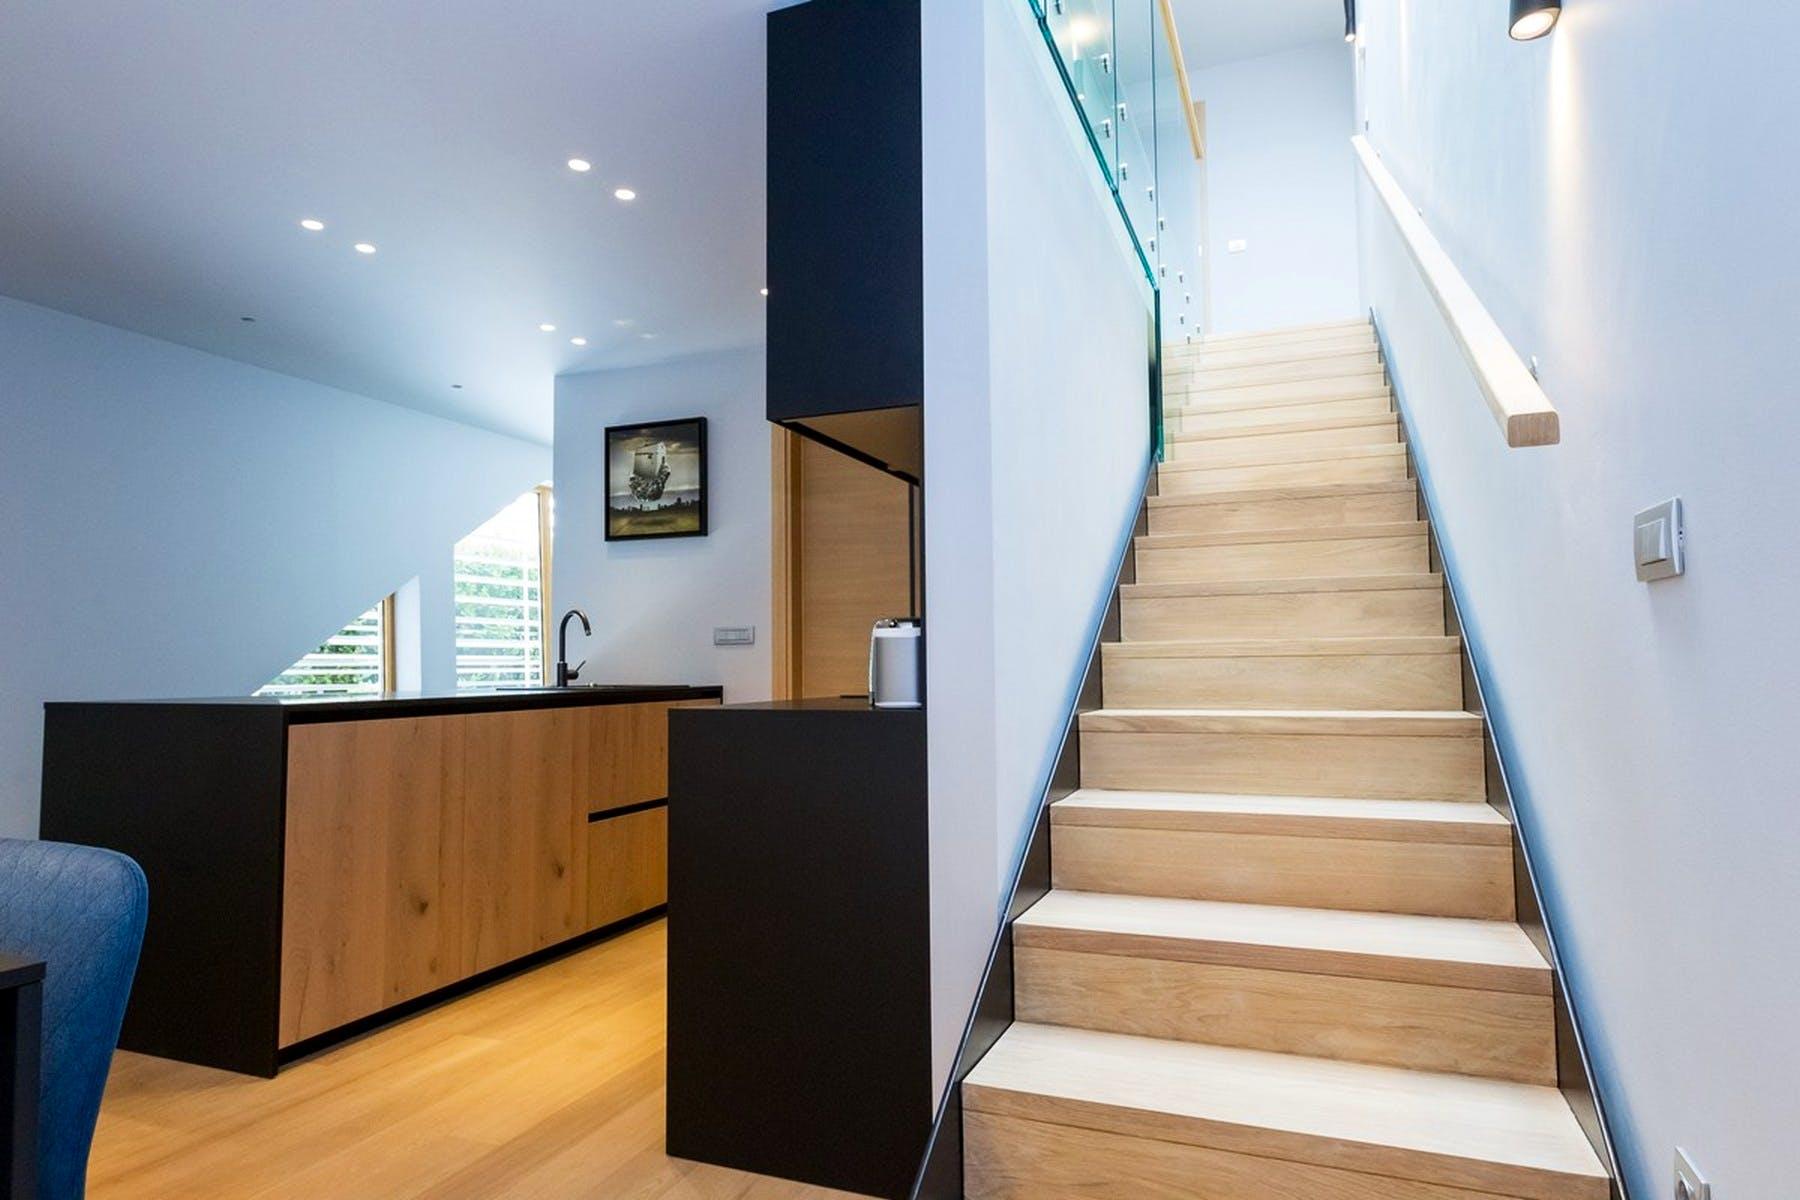 Unutarnje stepenište koje vodi iz kuhinje na gornji kat